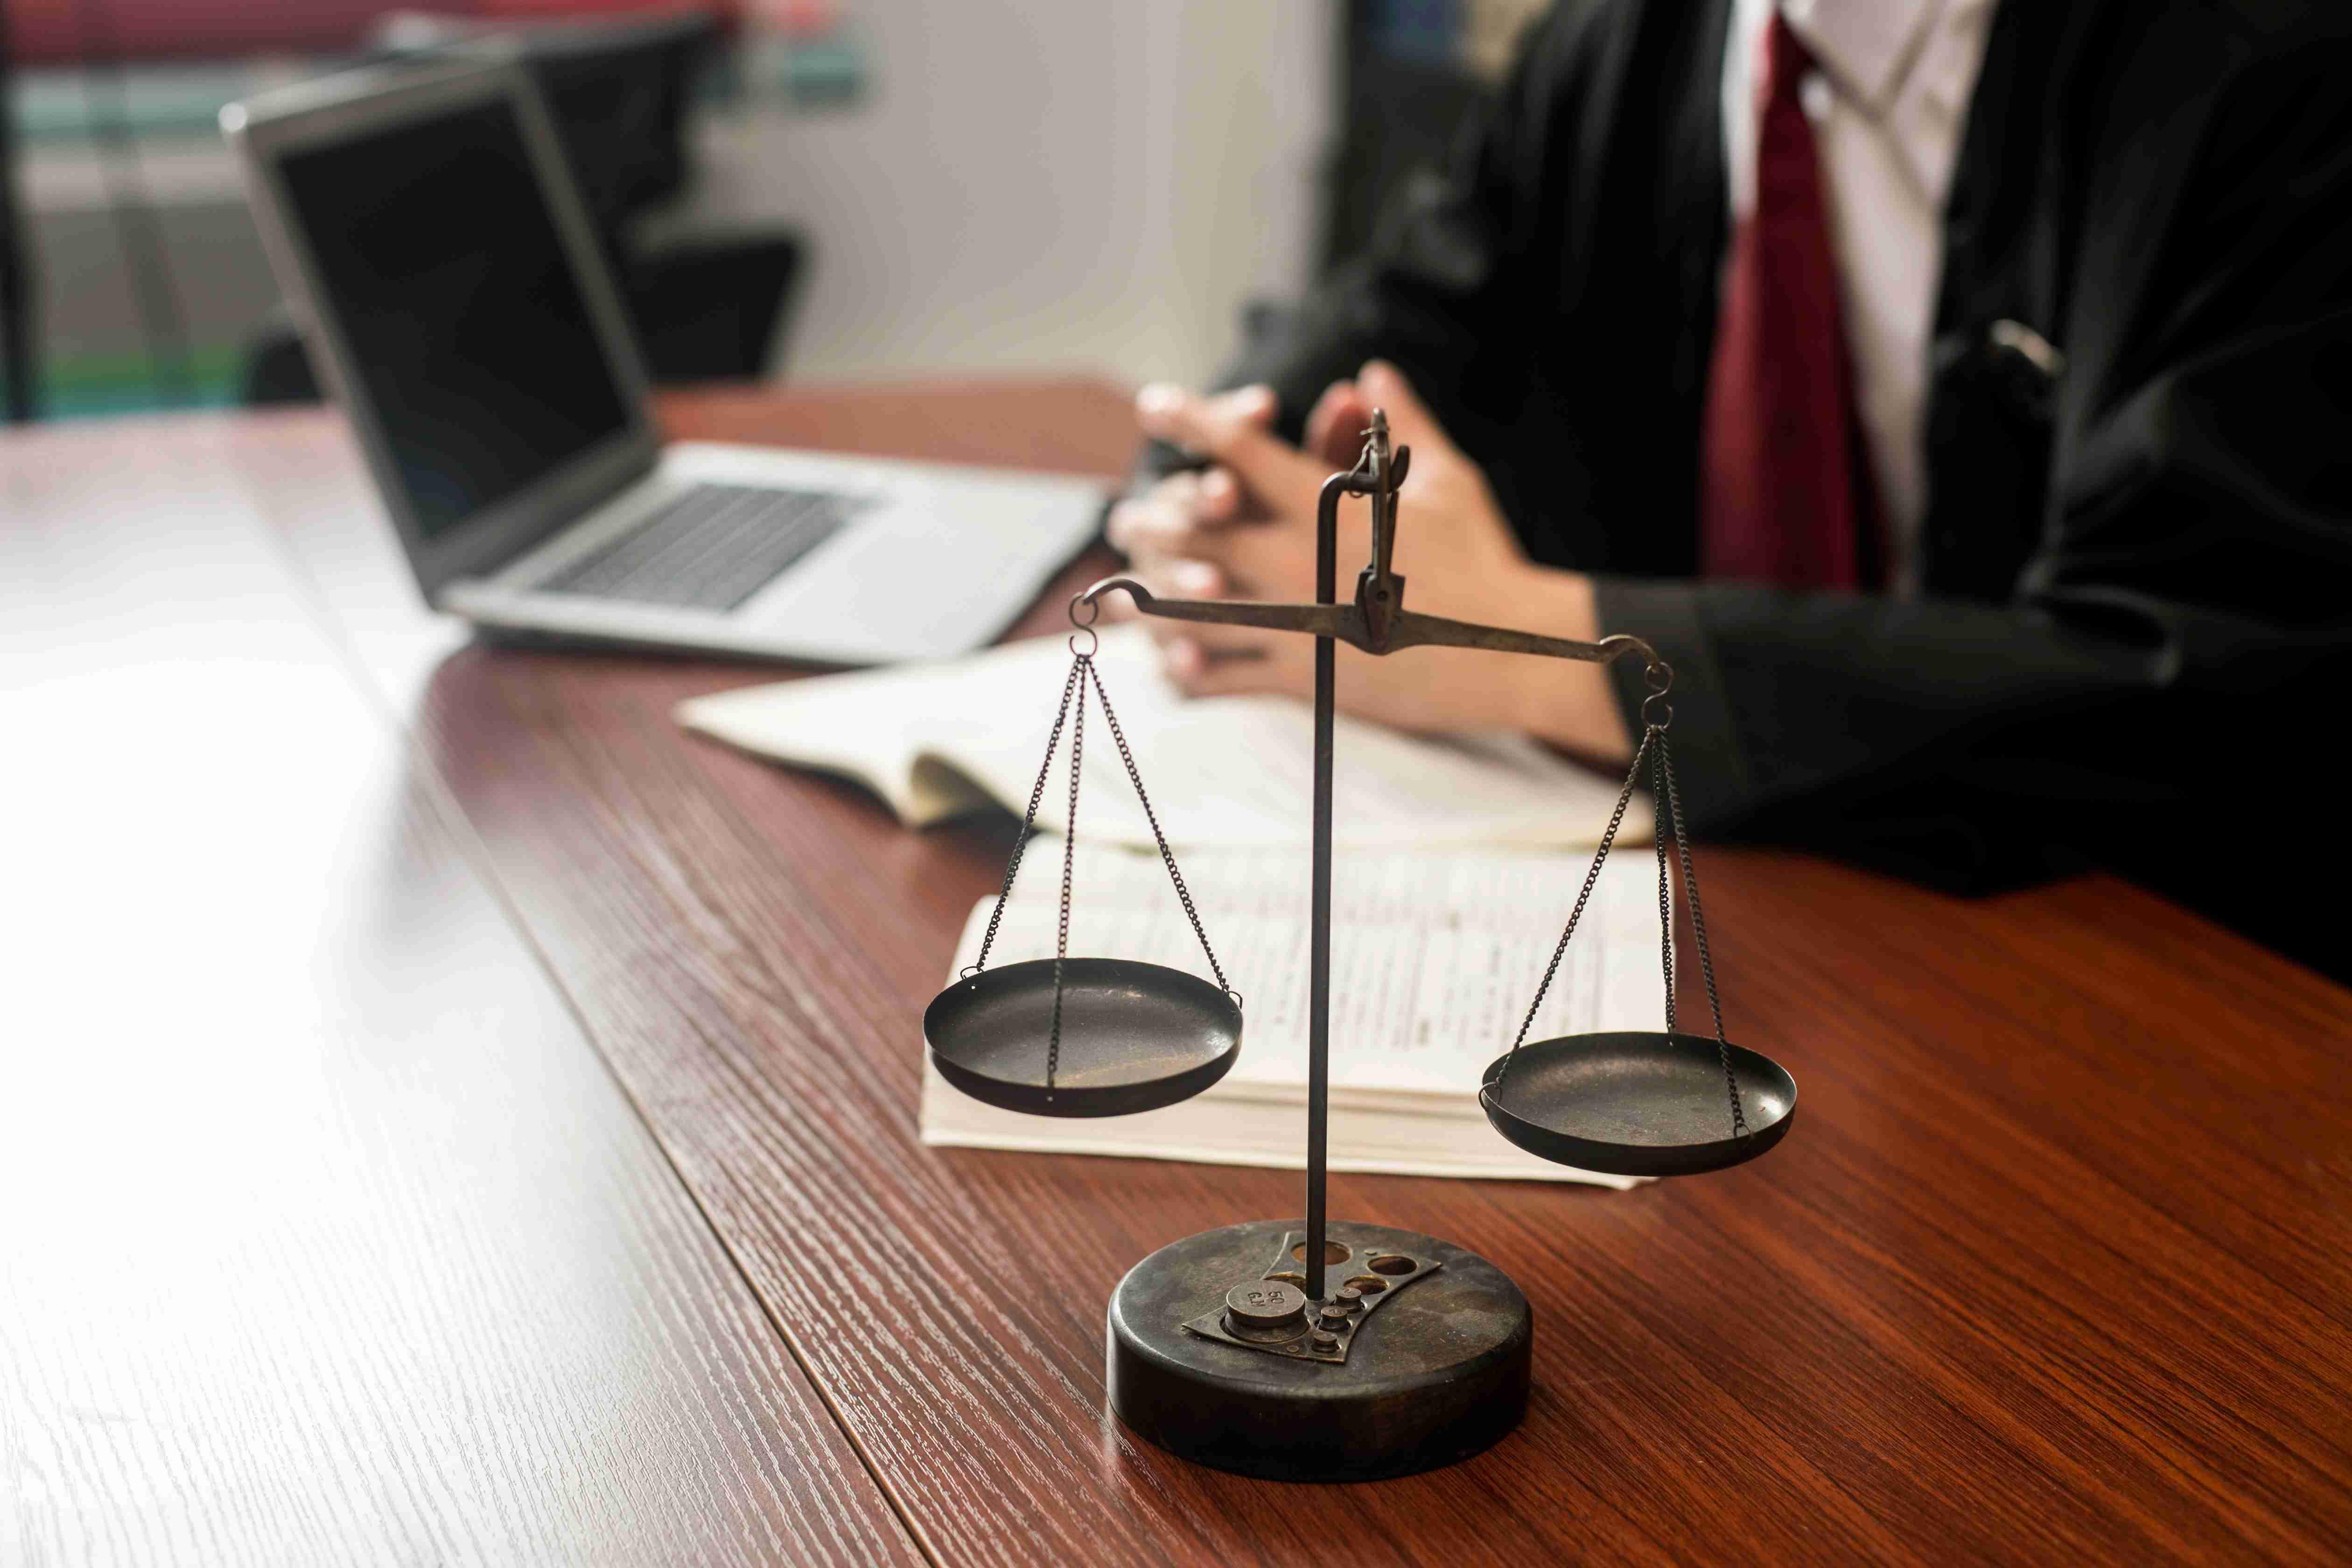 国内多家烟草企业因电子烟专利侵权被起诉!